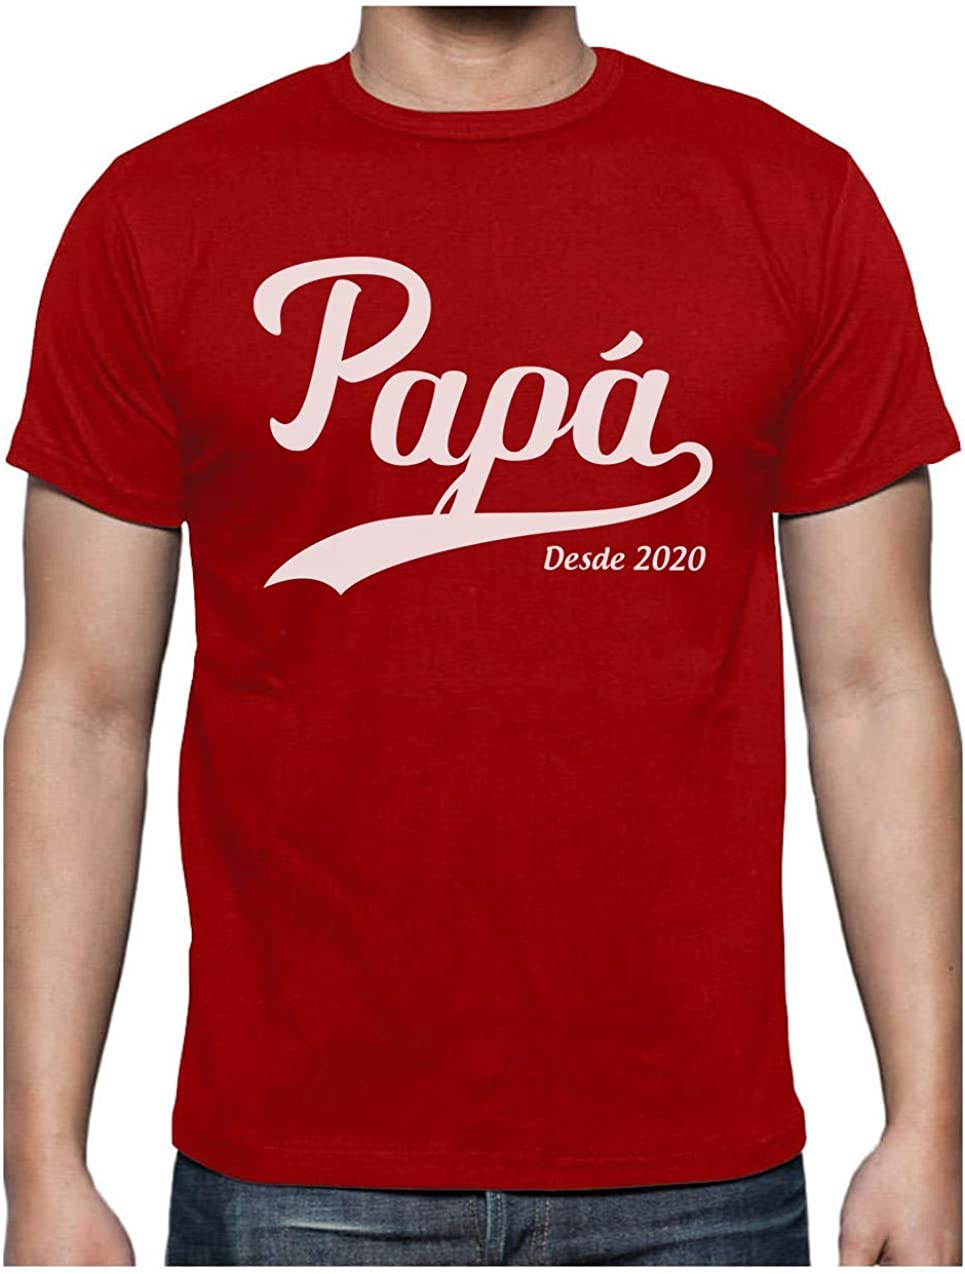 Green Turtle Camiseta para Hombre - Regalos Originales para Padres Primerizos - Papá Desde 2020